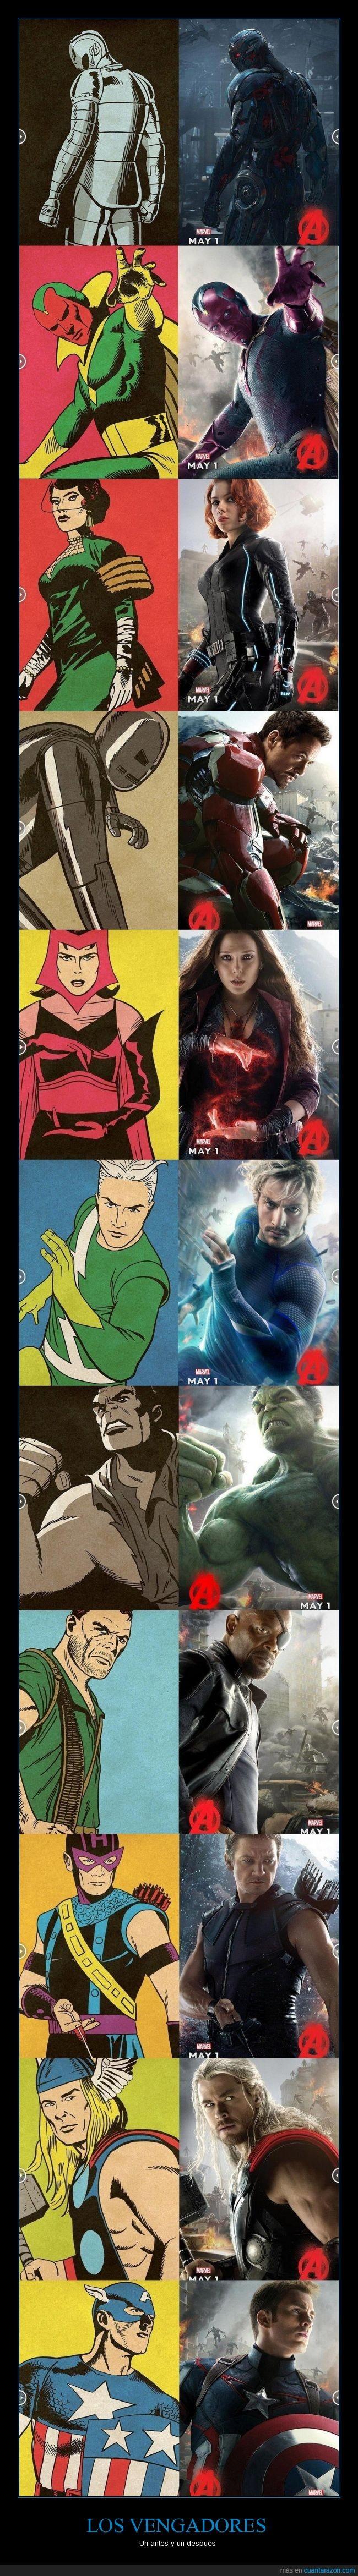 antes,bruja escarlata,capitan america,comic,despues,hulk,ironman,nick fury,ojo de alcon,quicksilver,the avengers,thor,ultron,vengadores,vision,viuda negra